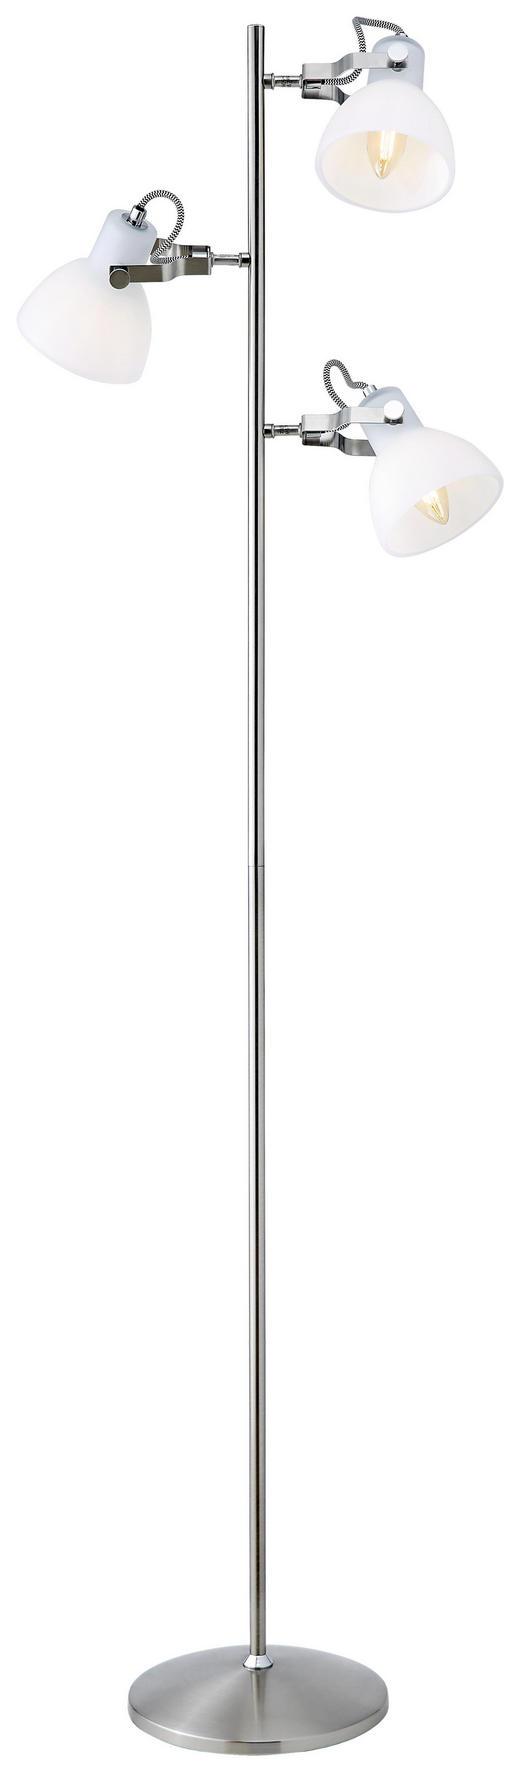 STEHLEUCHTE - Weiß/Nickelfarben, Basics, Glas/Metall (37/150/24cm)